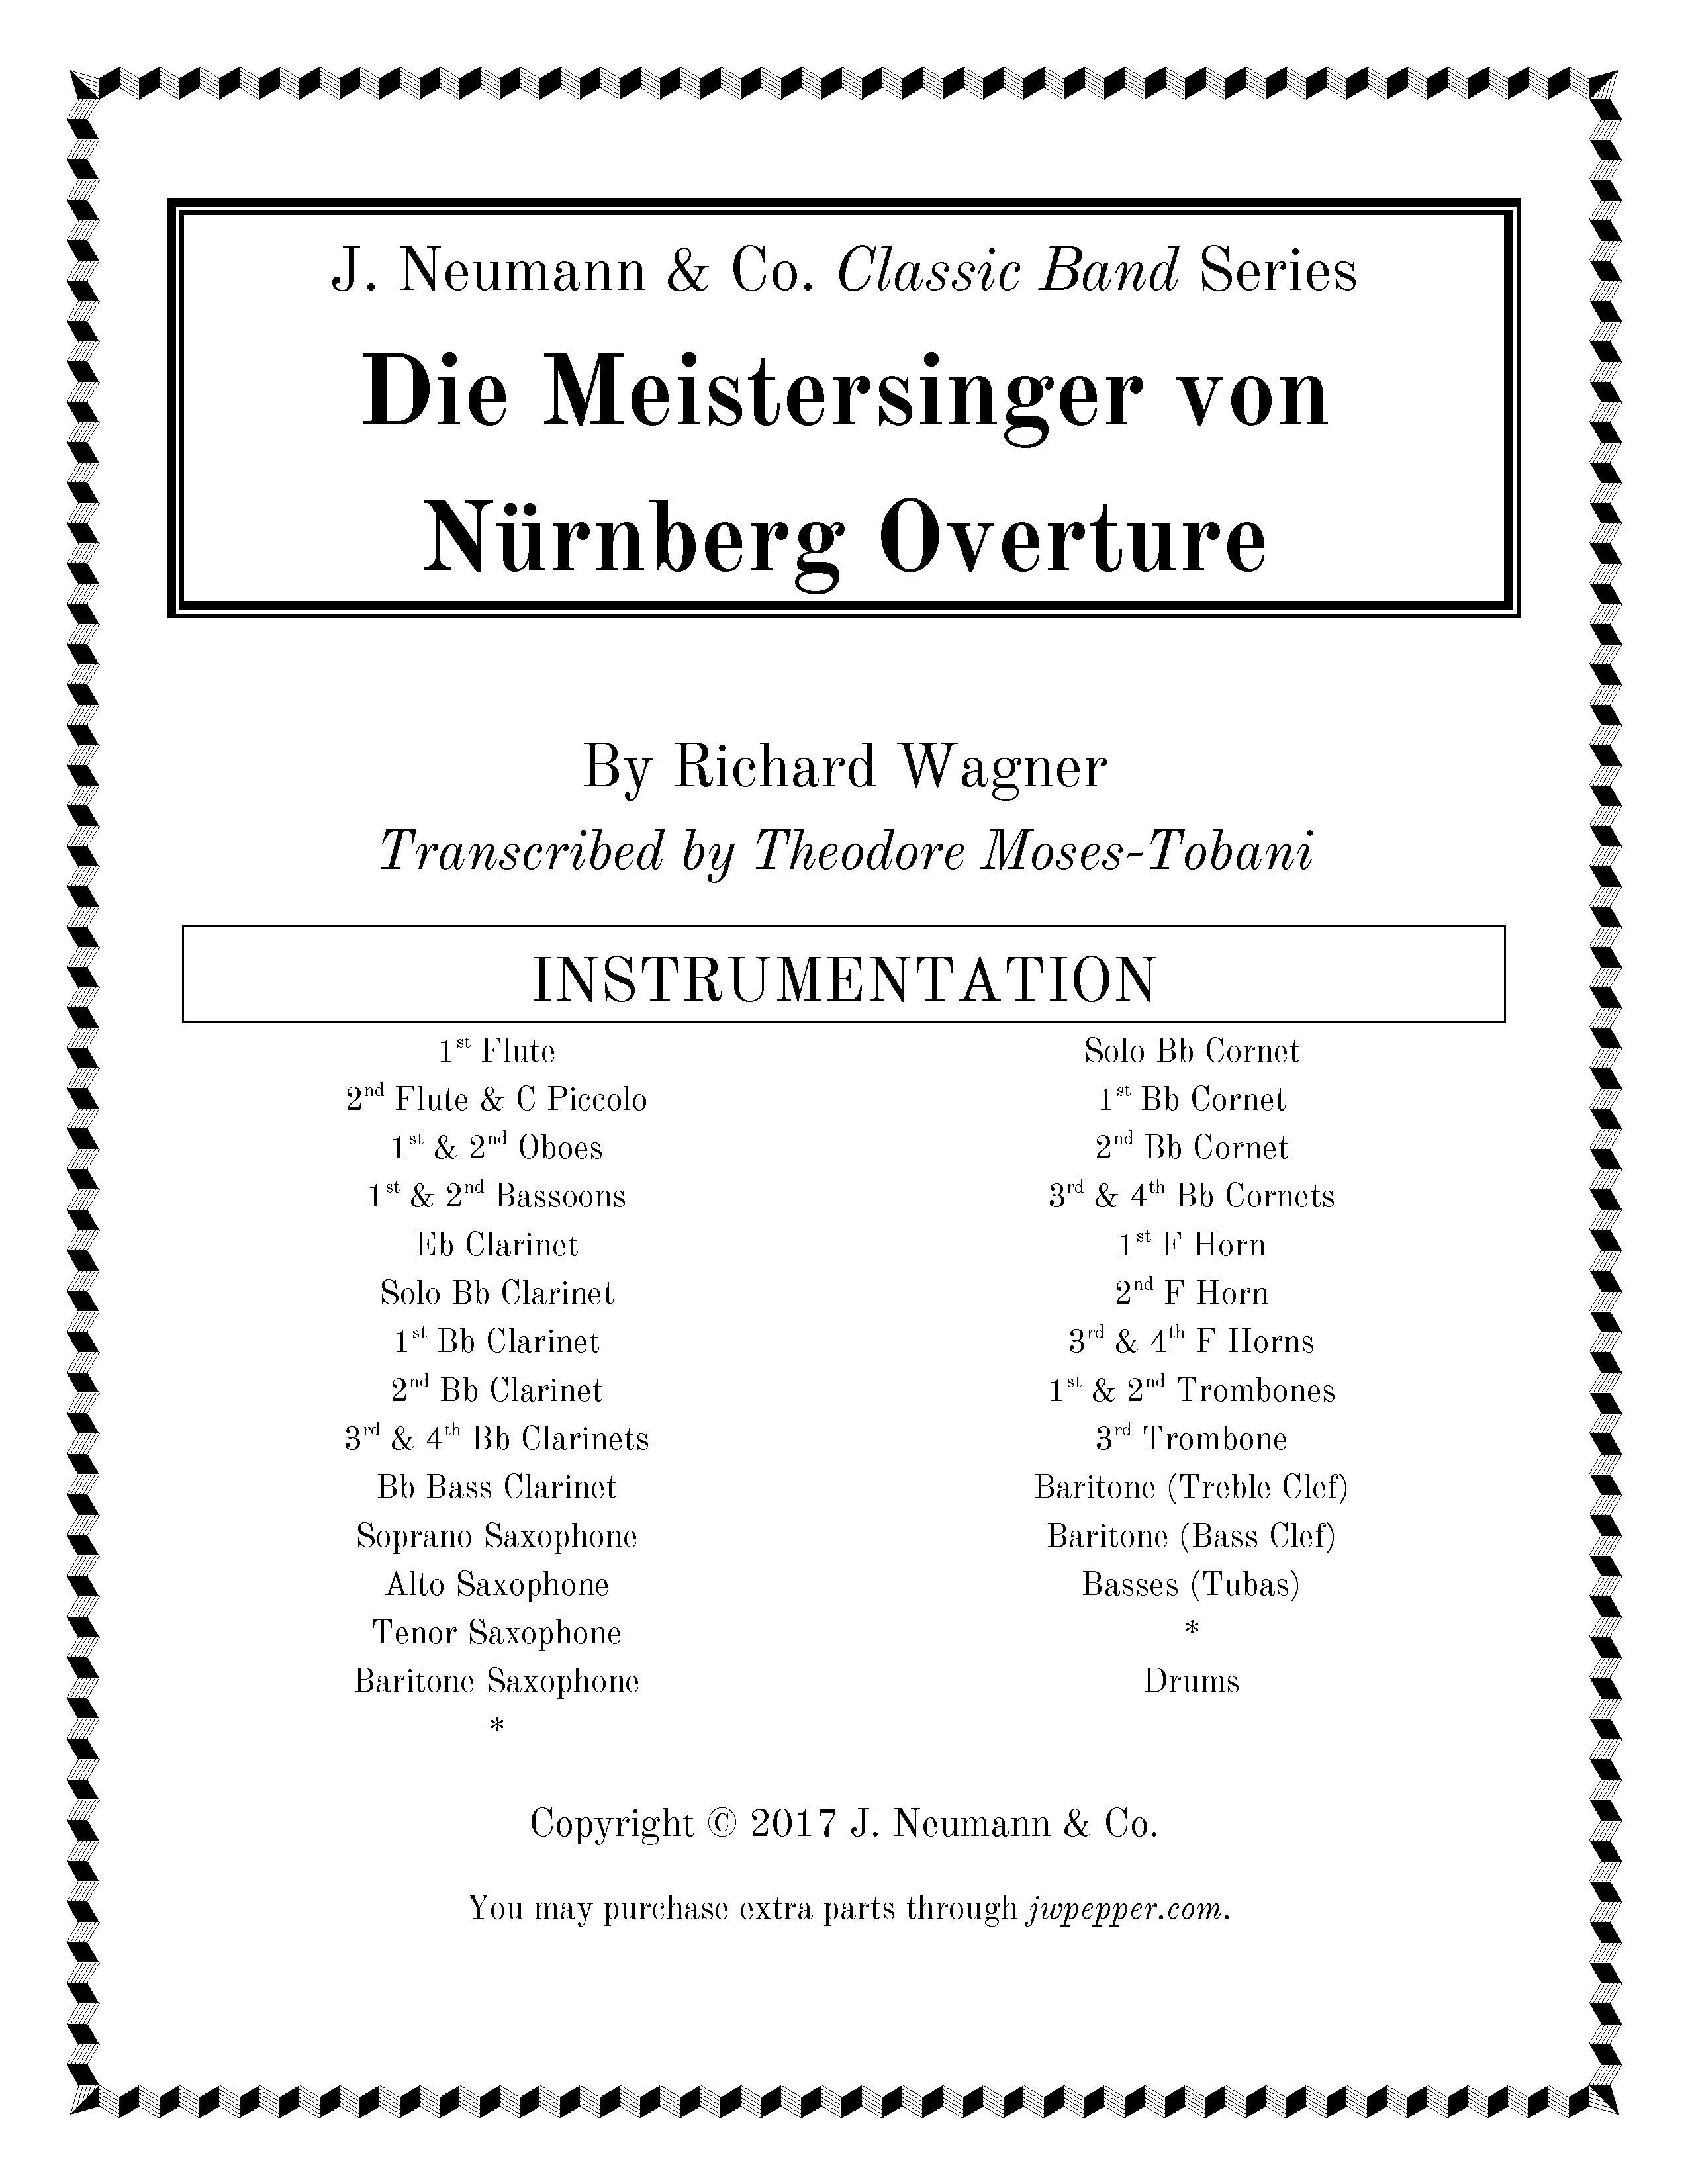 Die Meistersinger von Nurnberg Prelude (Overture)